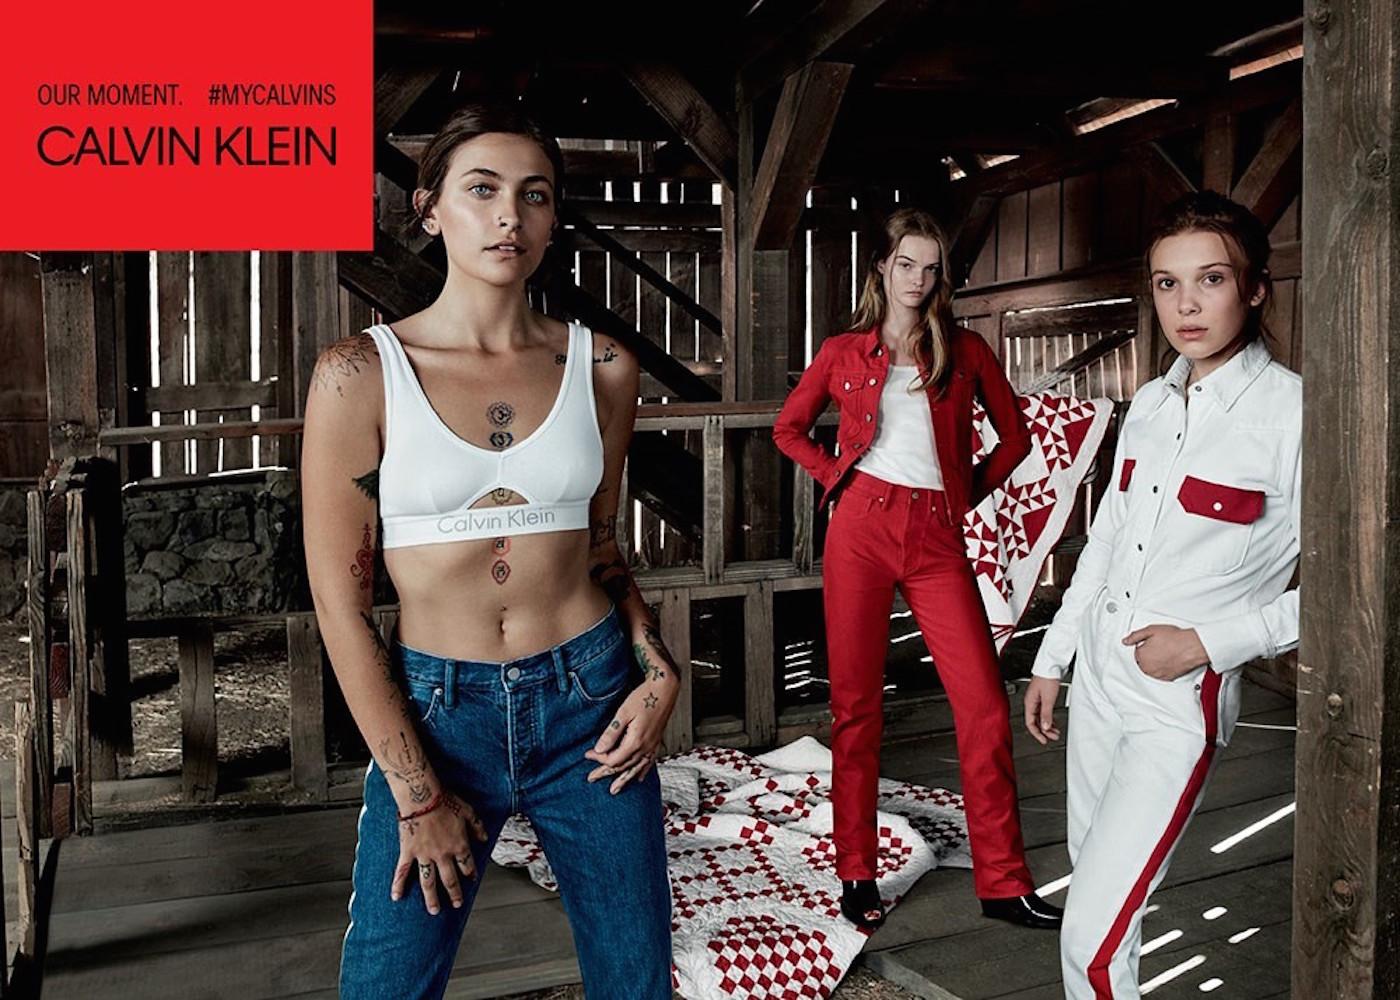 Millie Bobby Brown i Paris Jackson łączą siły w najnowszej kampanii Calvin Klein